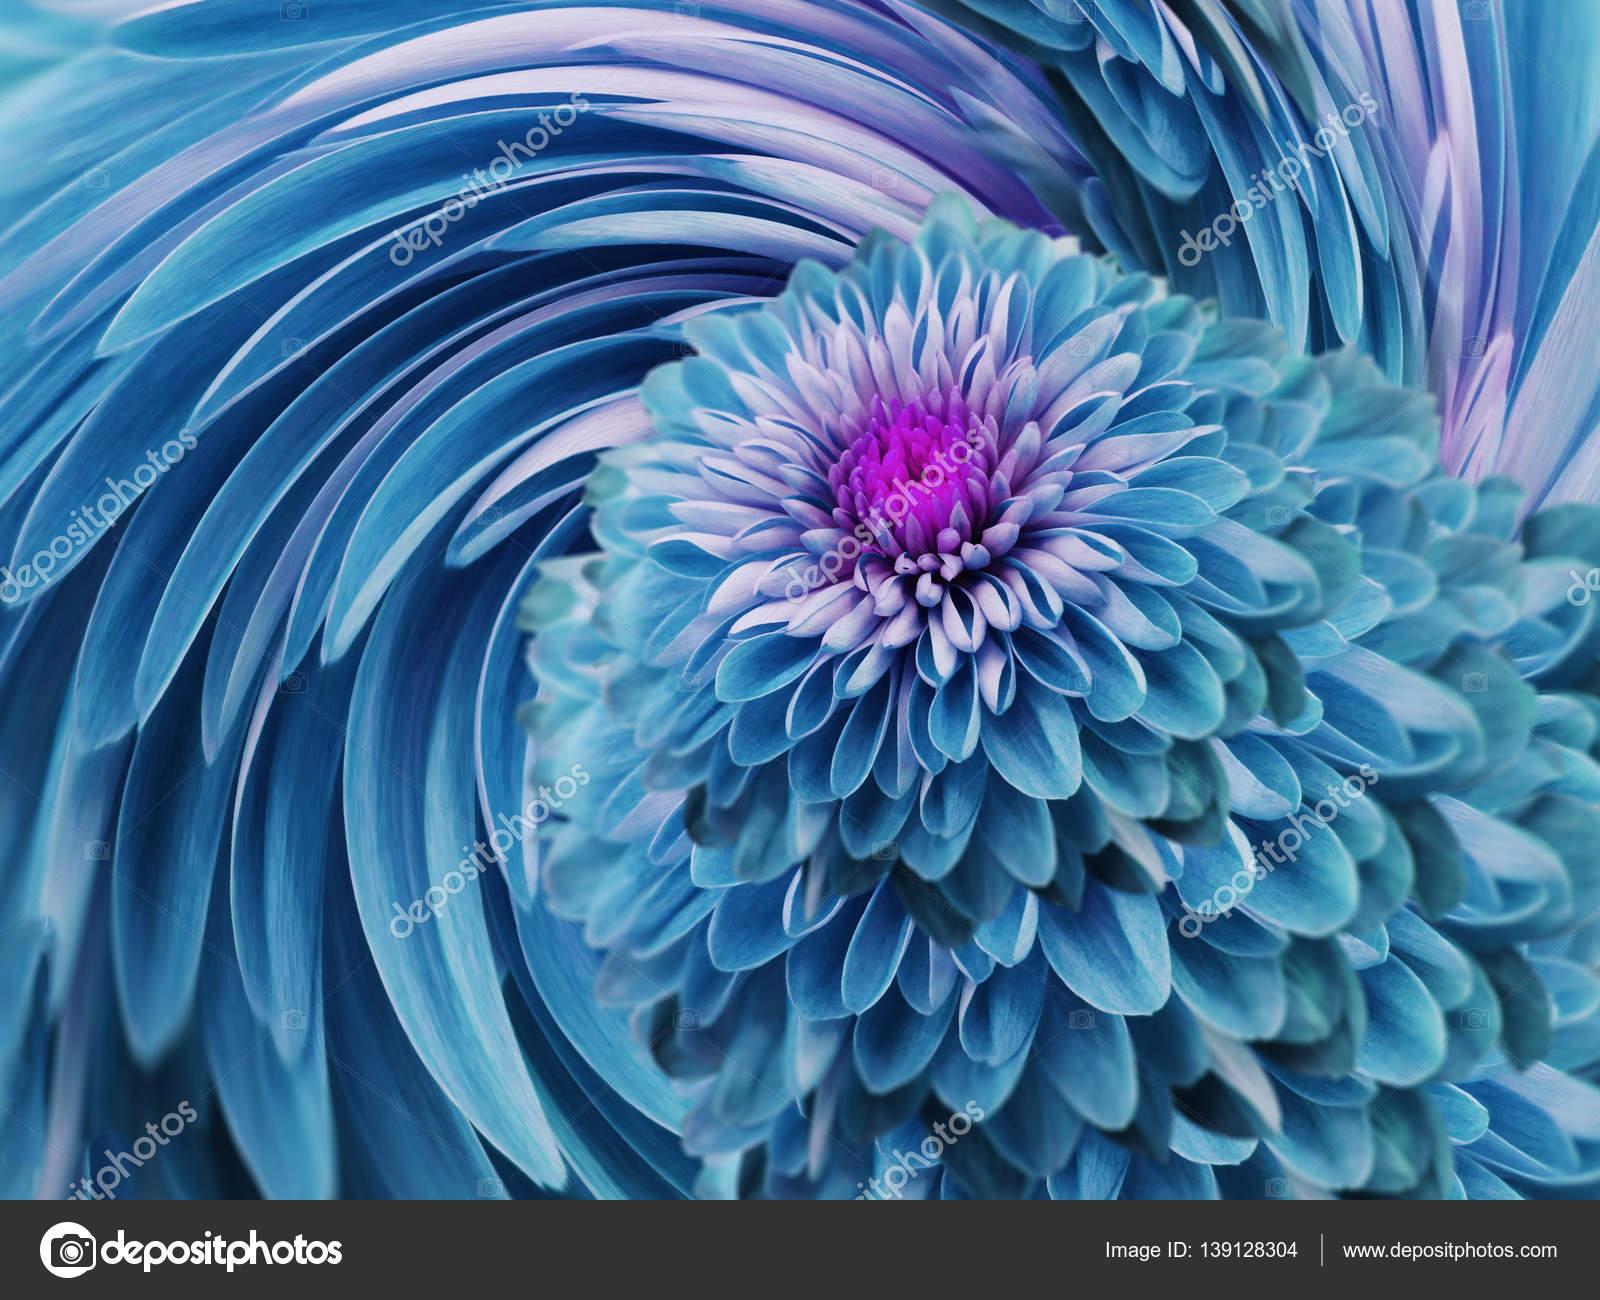 Crisantemo Fiori Turchese Blu Sfondo Blu Turchese Collage Floreale